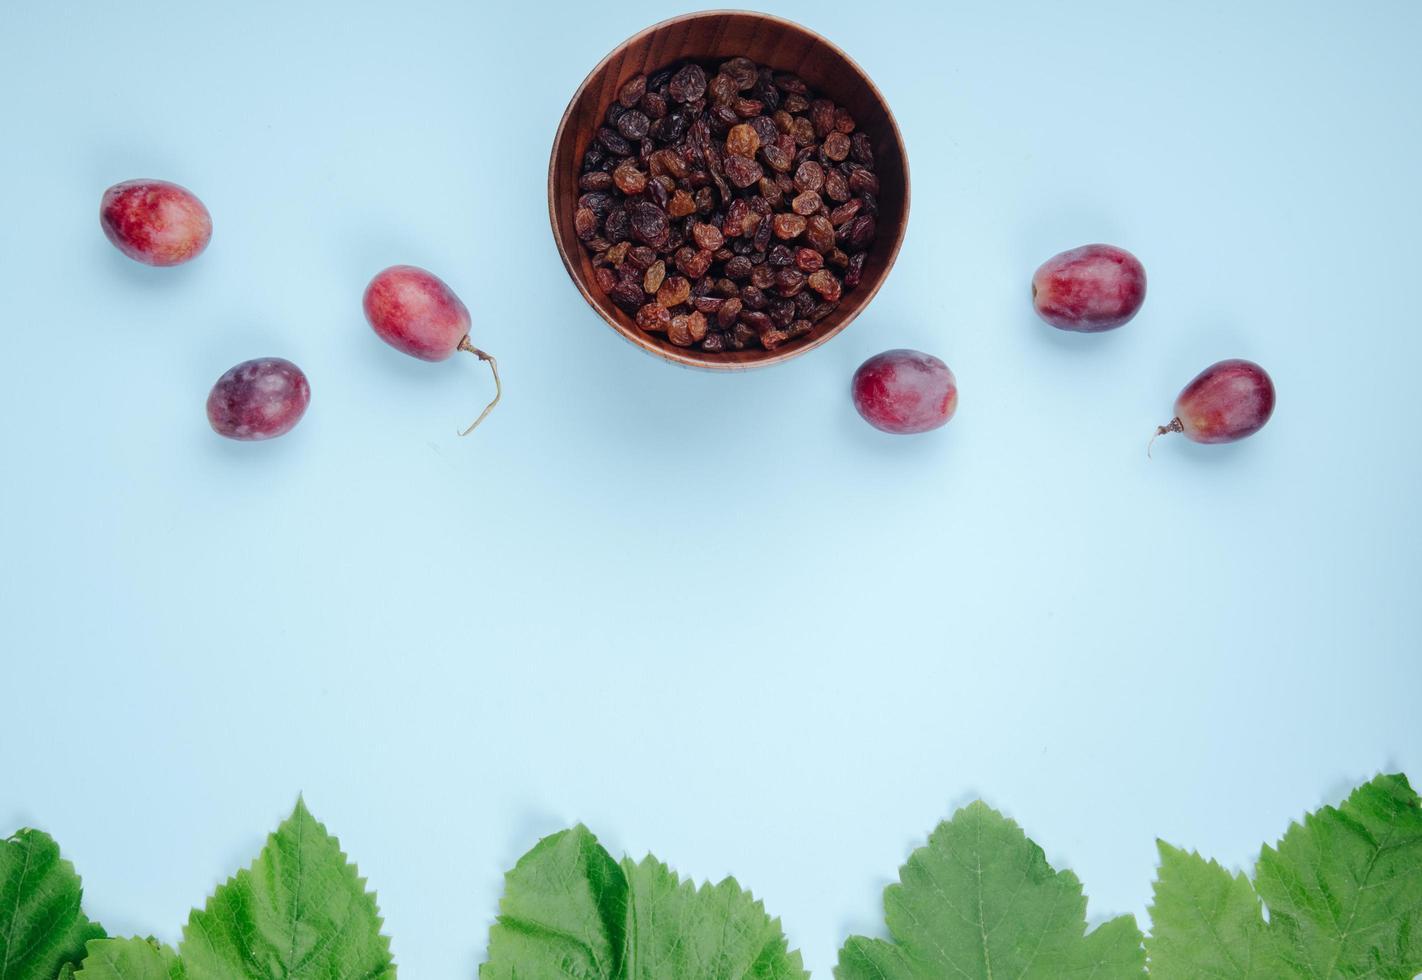 vista dall'alto di una ciotola di uvetta con uva su sfondo blu foto